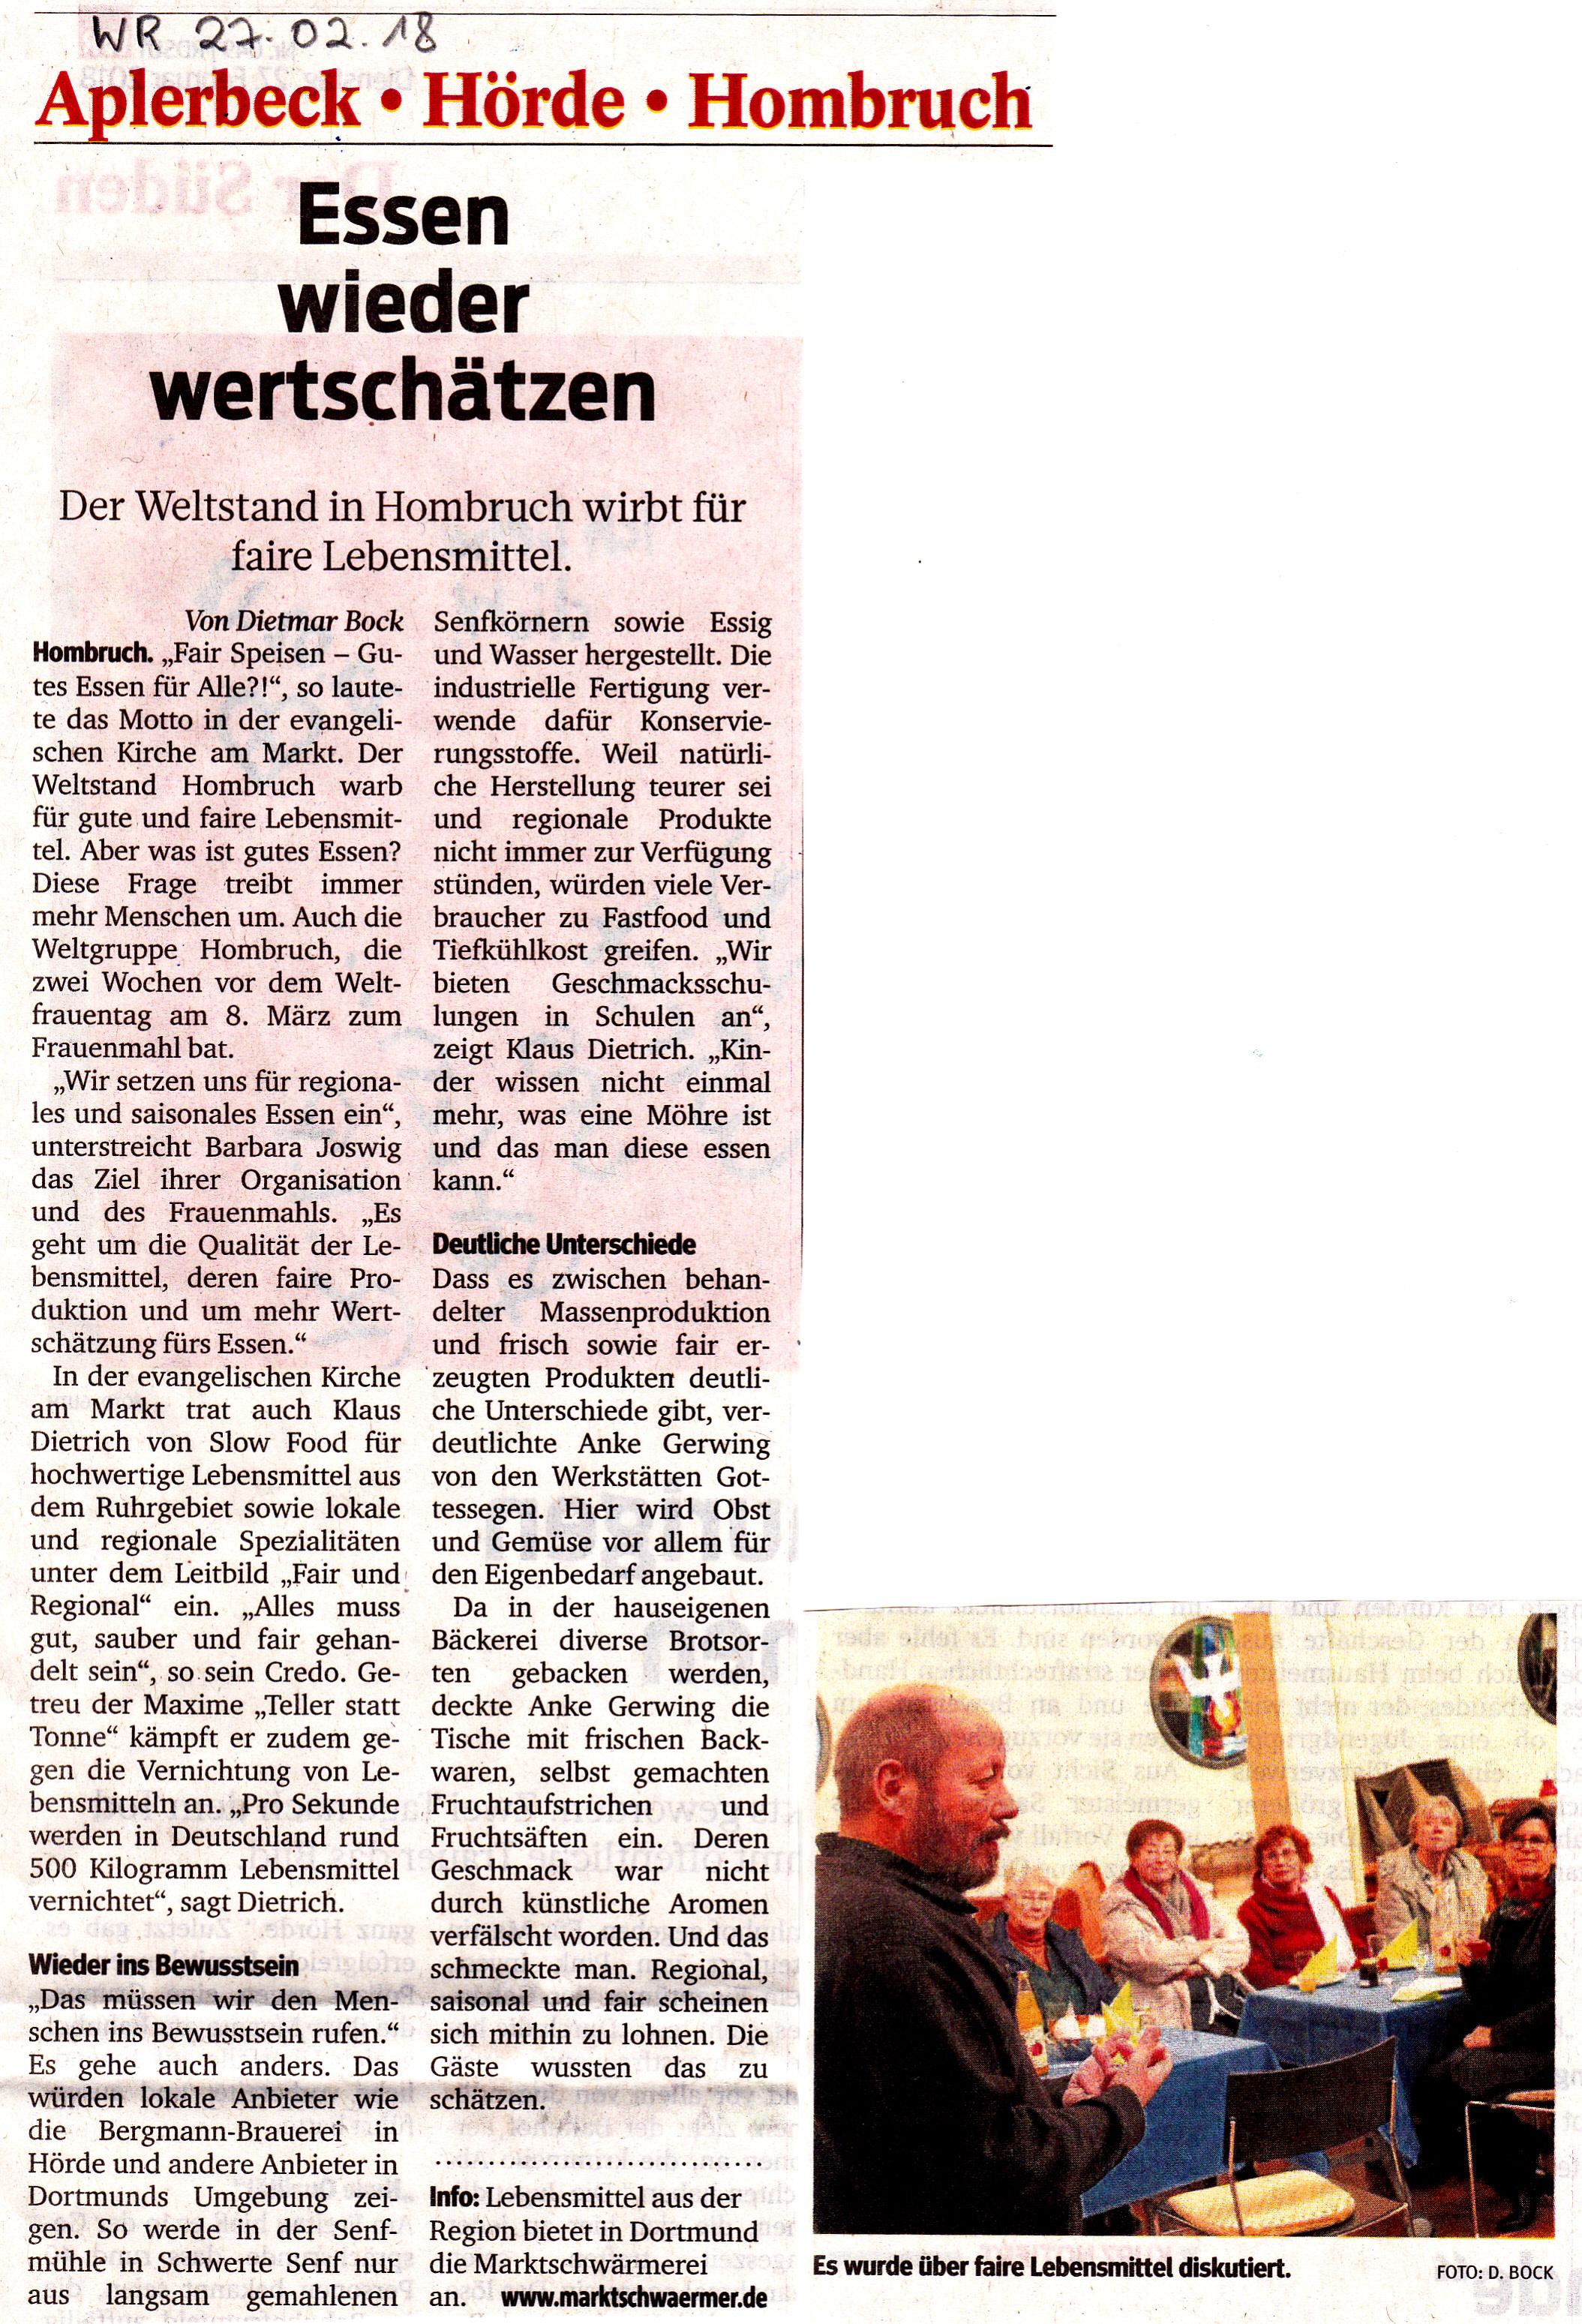 22-01-18_Frauenmahl